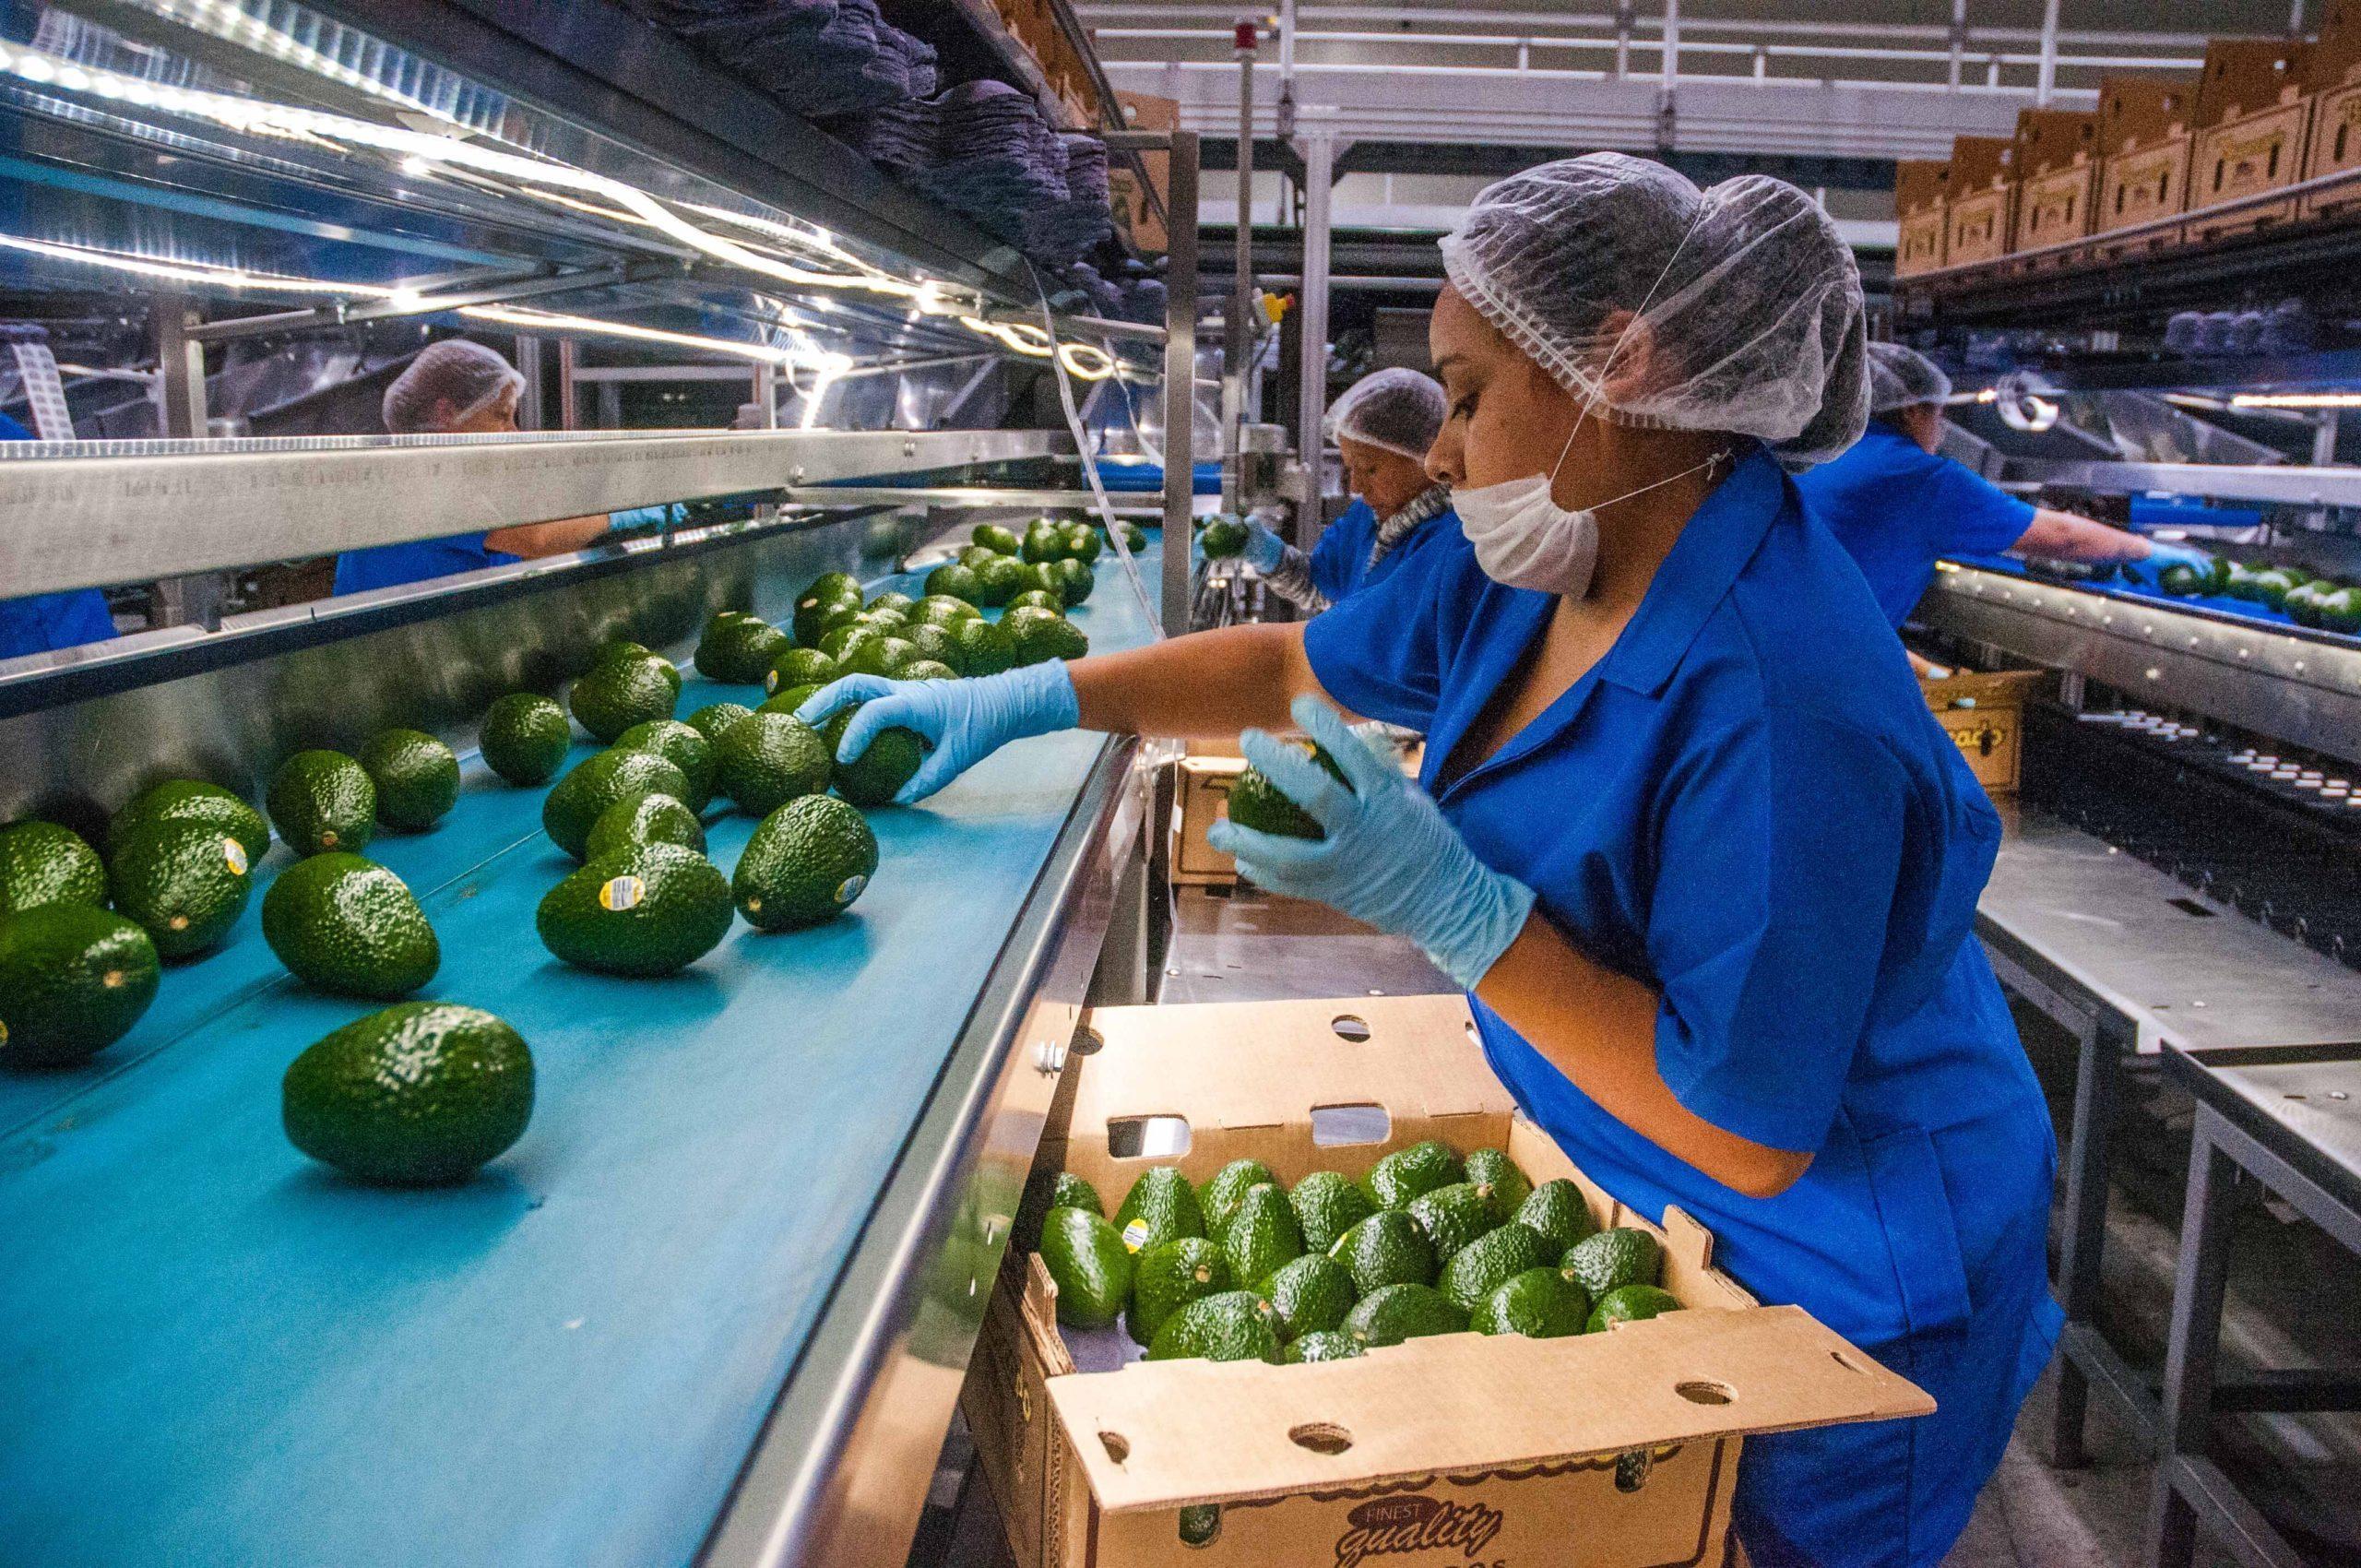 Vigilará México indagatoria de EU a exportaciones agrícolas